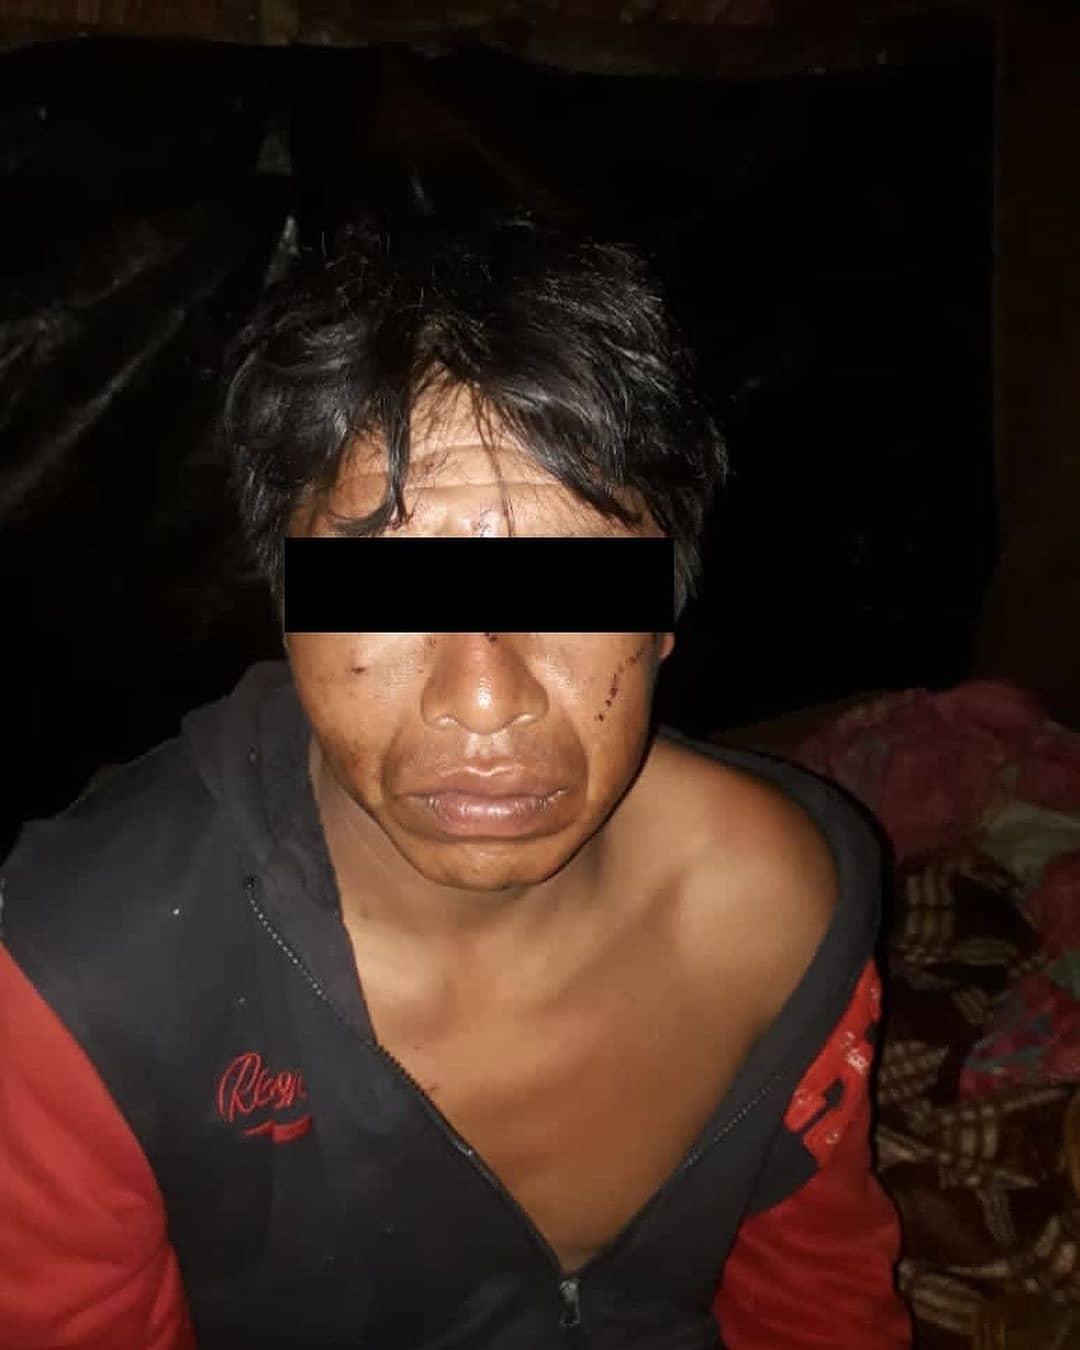 Os indígenas torturados conseguiram escapar ensanguentados e correr do grupo armado